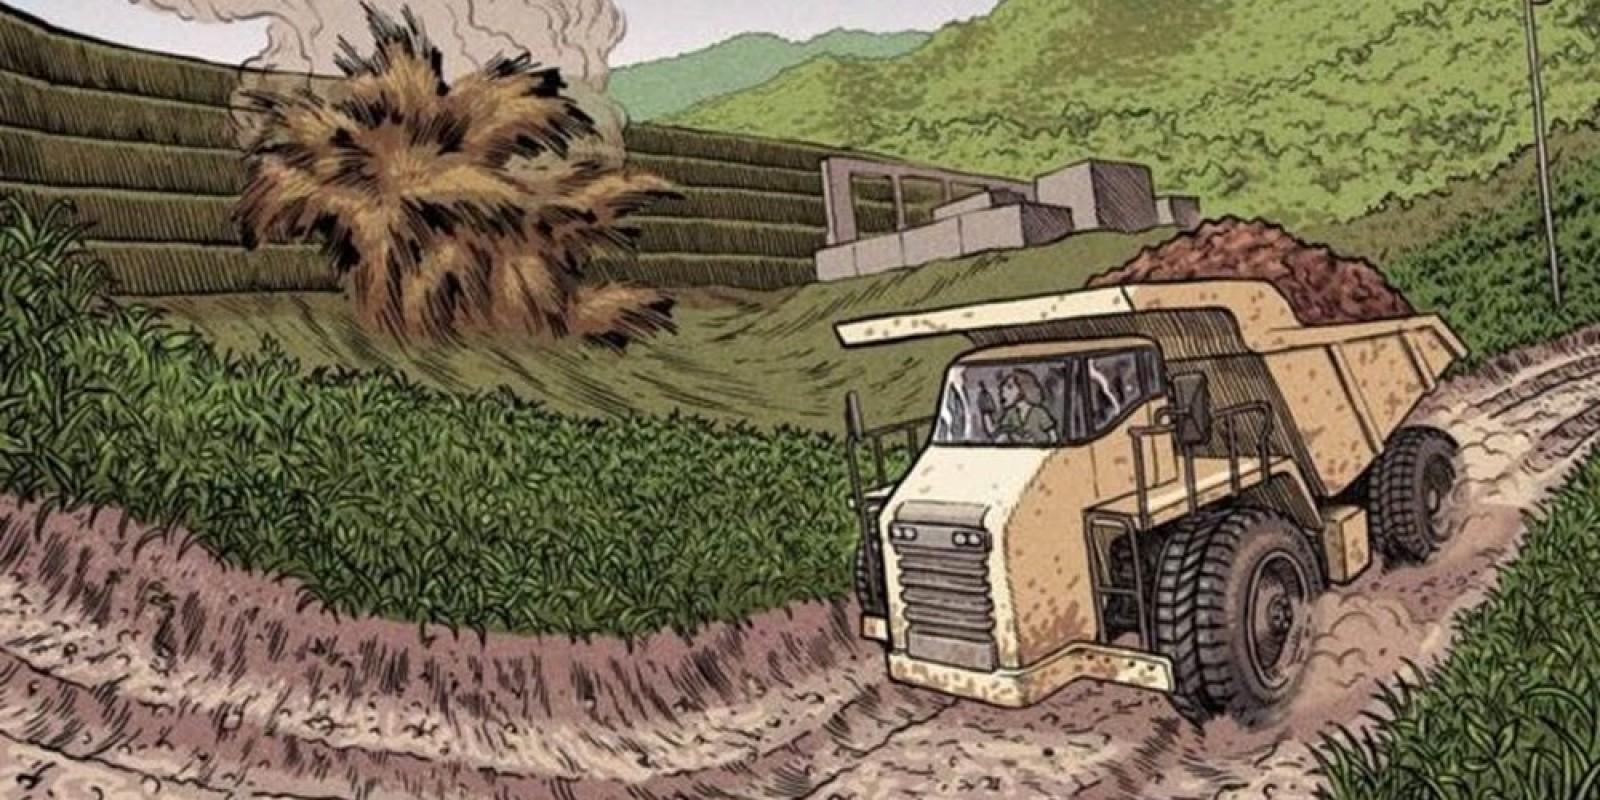 A funcionária da Vale que alertou sobre o desastre e fugiu de ré em caminhão com 90 toneladas